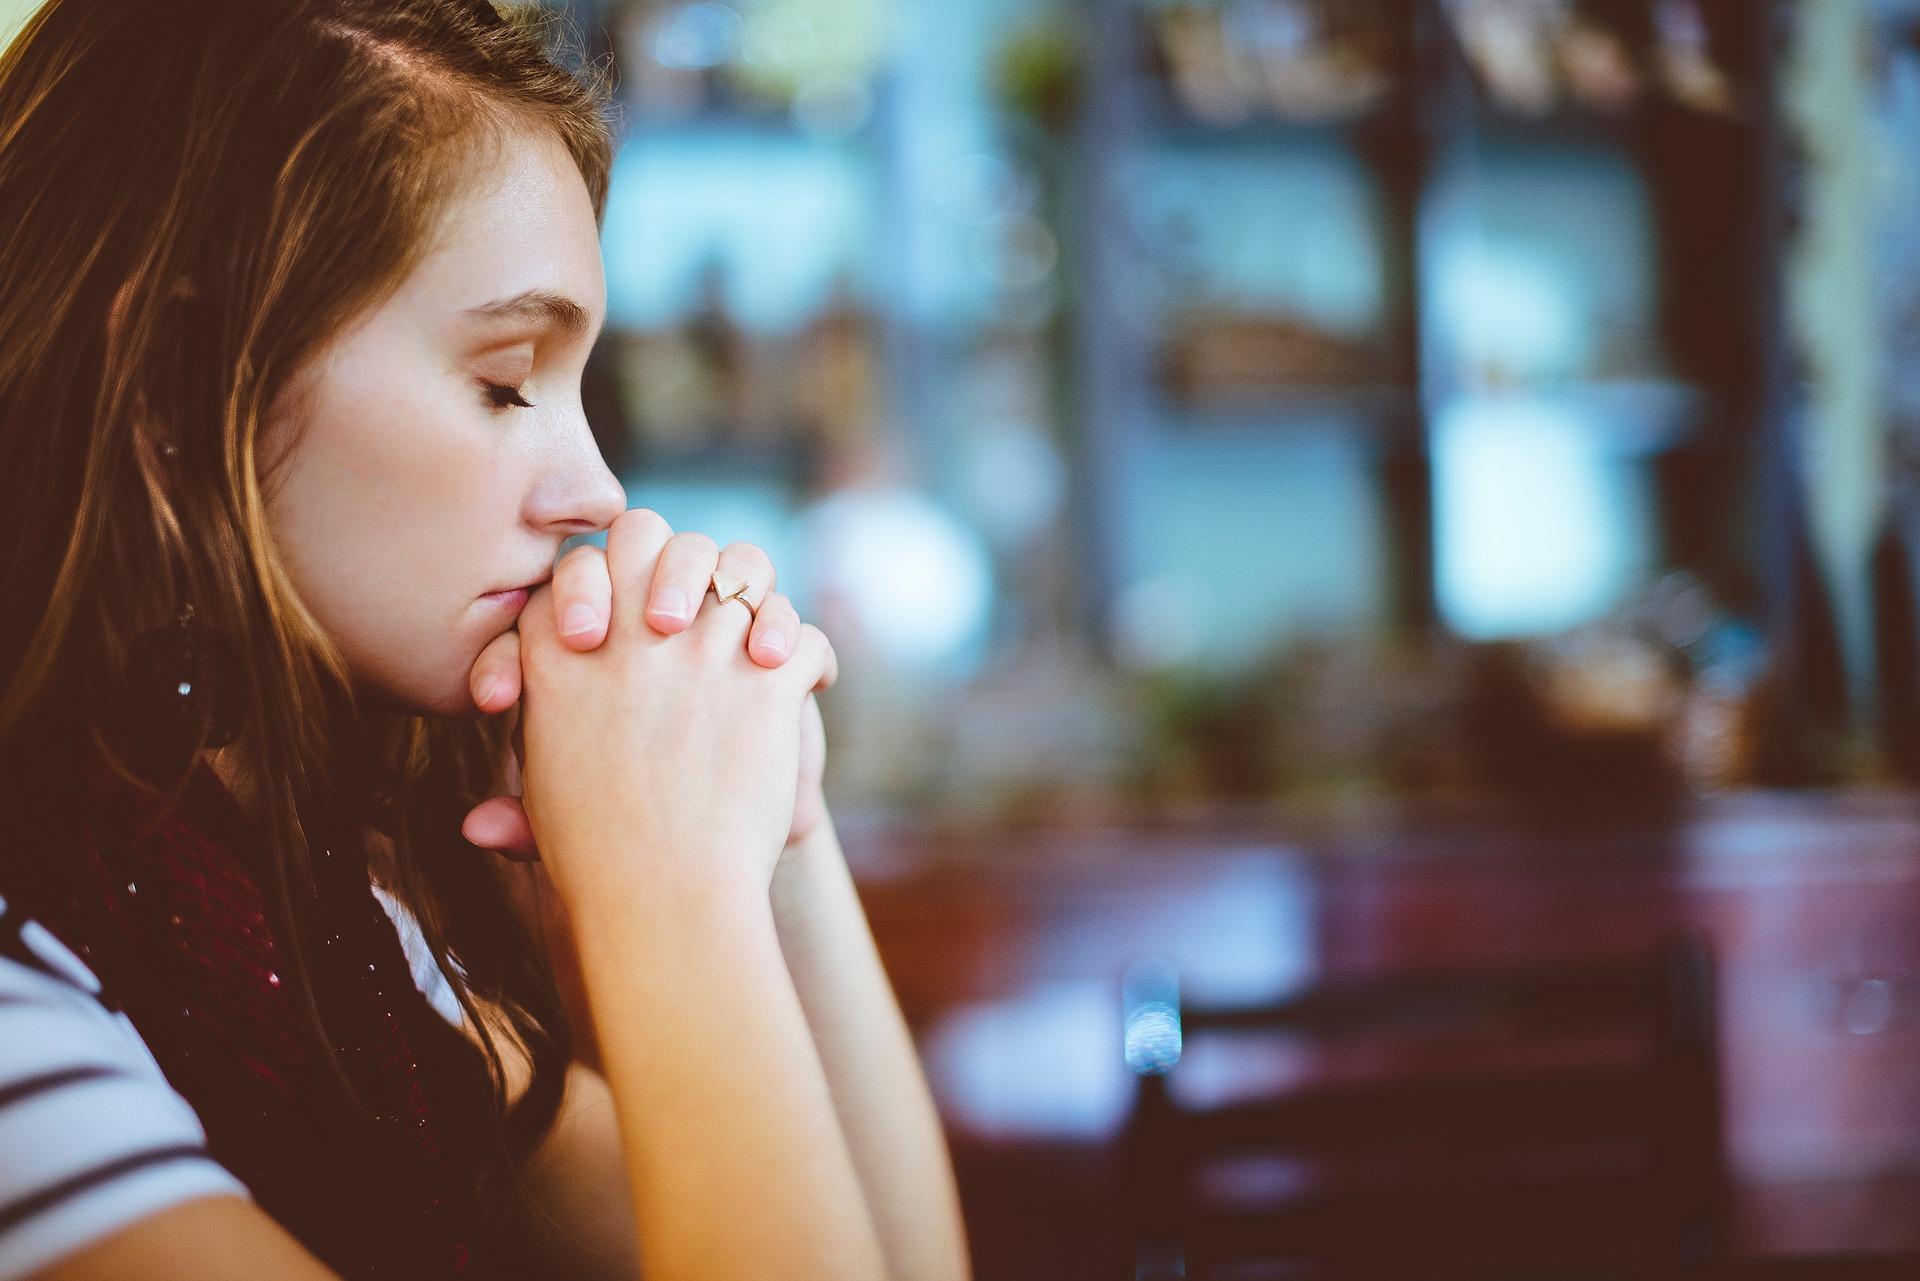 Los metodistas unidos entienden la necesidad de confesar su pecado ante Dios y ante los demás. Foto cortesía: Pixabay/CC0 Creative Commons.